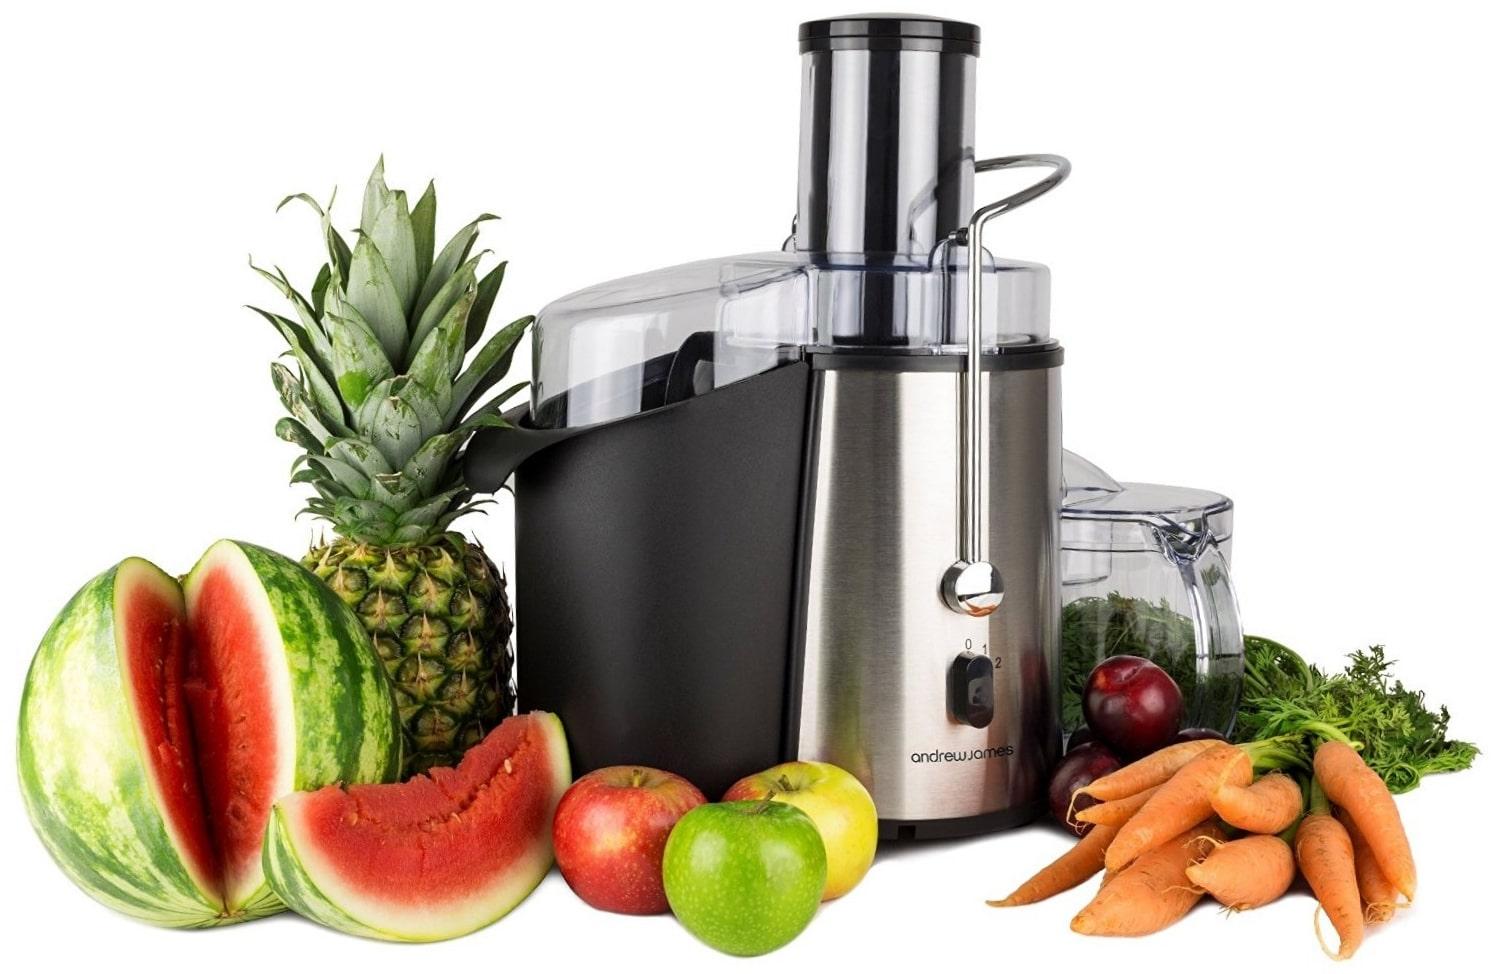 appareil pour jus de fruit tout pour faire de bons jus de fruits cuisine appareils. Black Bedroom Furniture Sets. Home Design Ideas